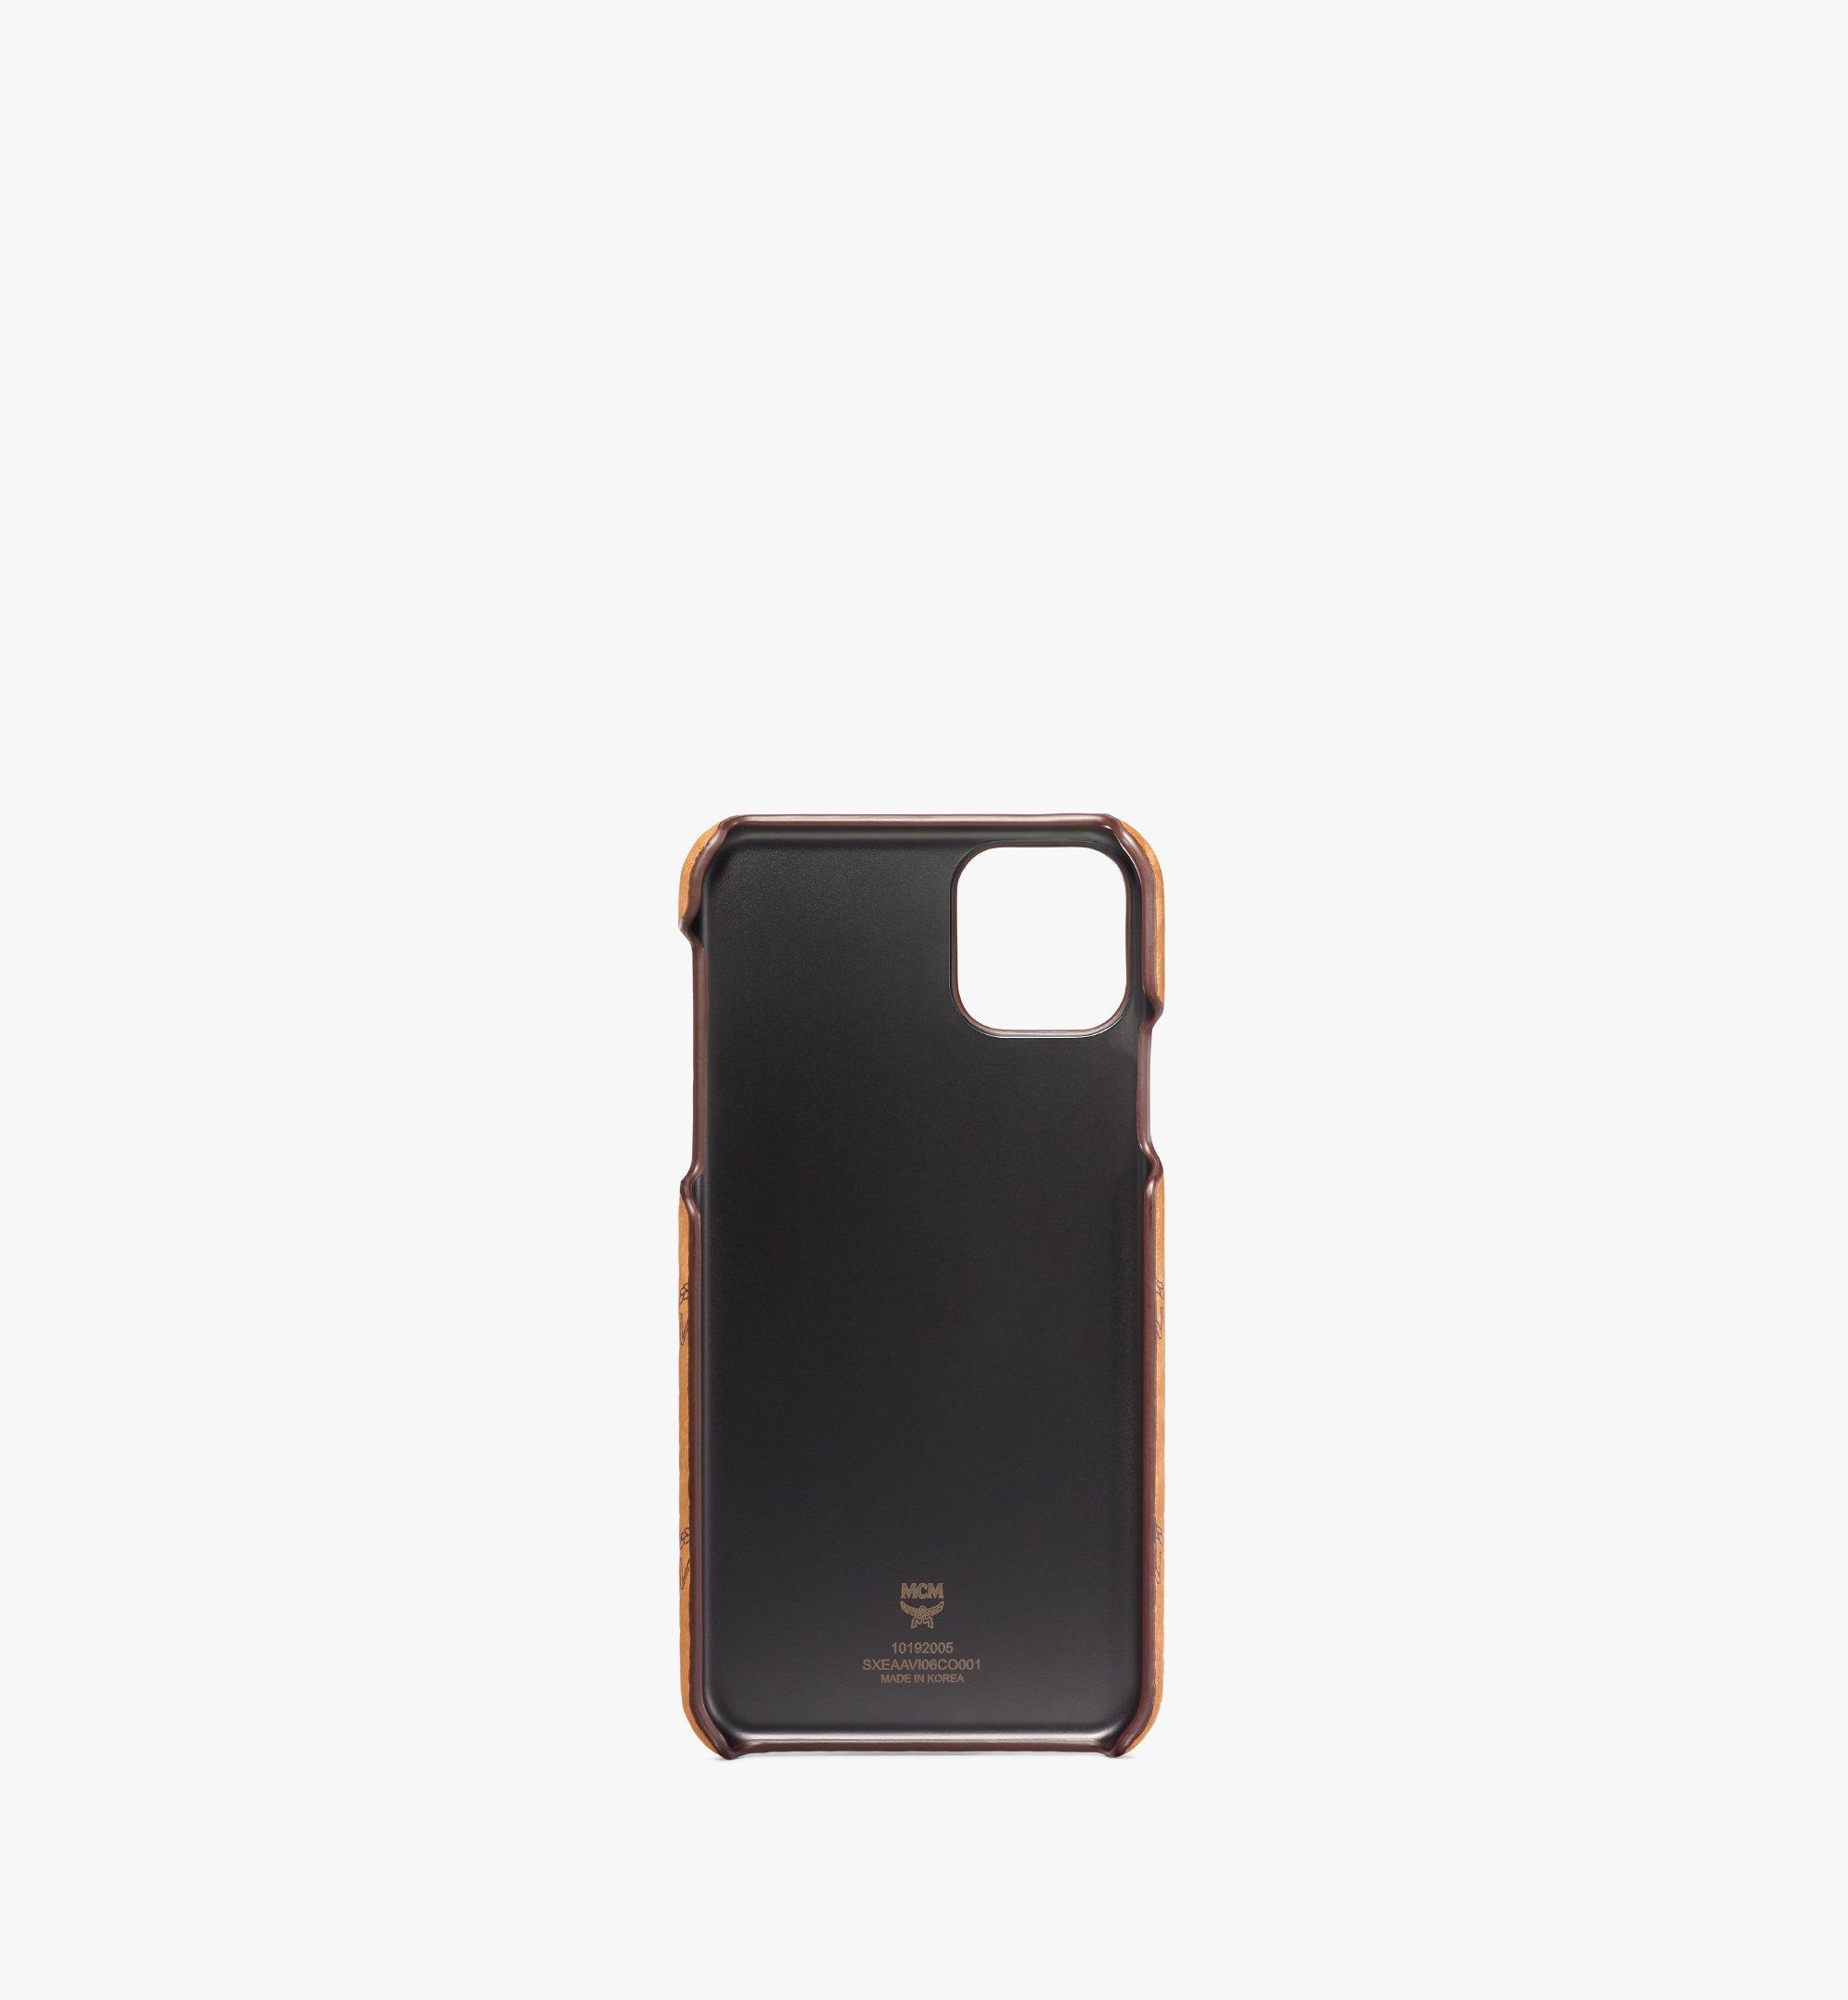 MCM iPhone 11 Pro Max Case in Visetos Original Cognac MXEAAVI06CO001 Alternate View 1